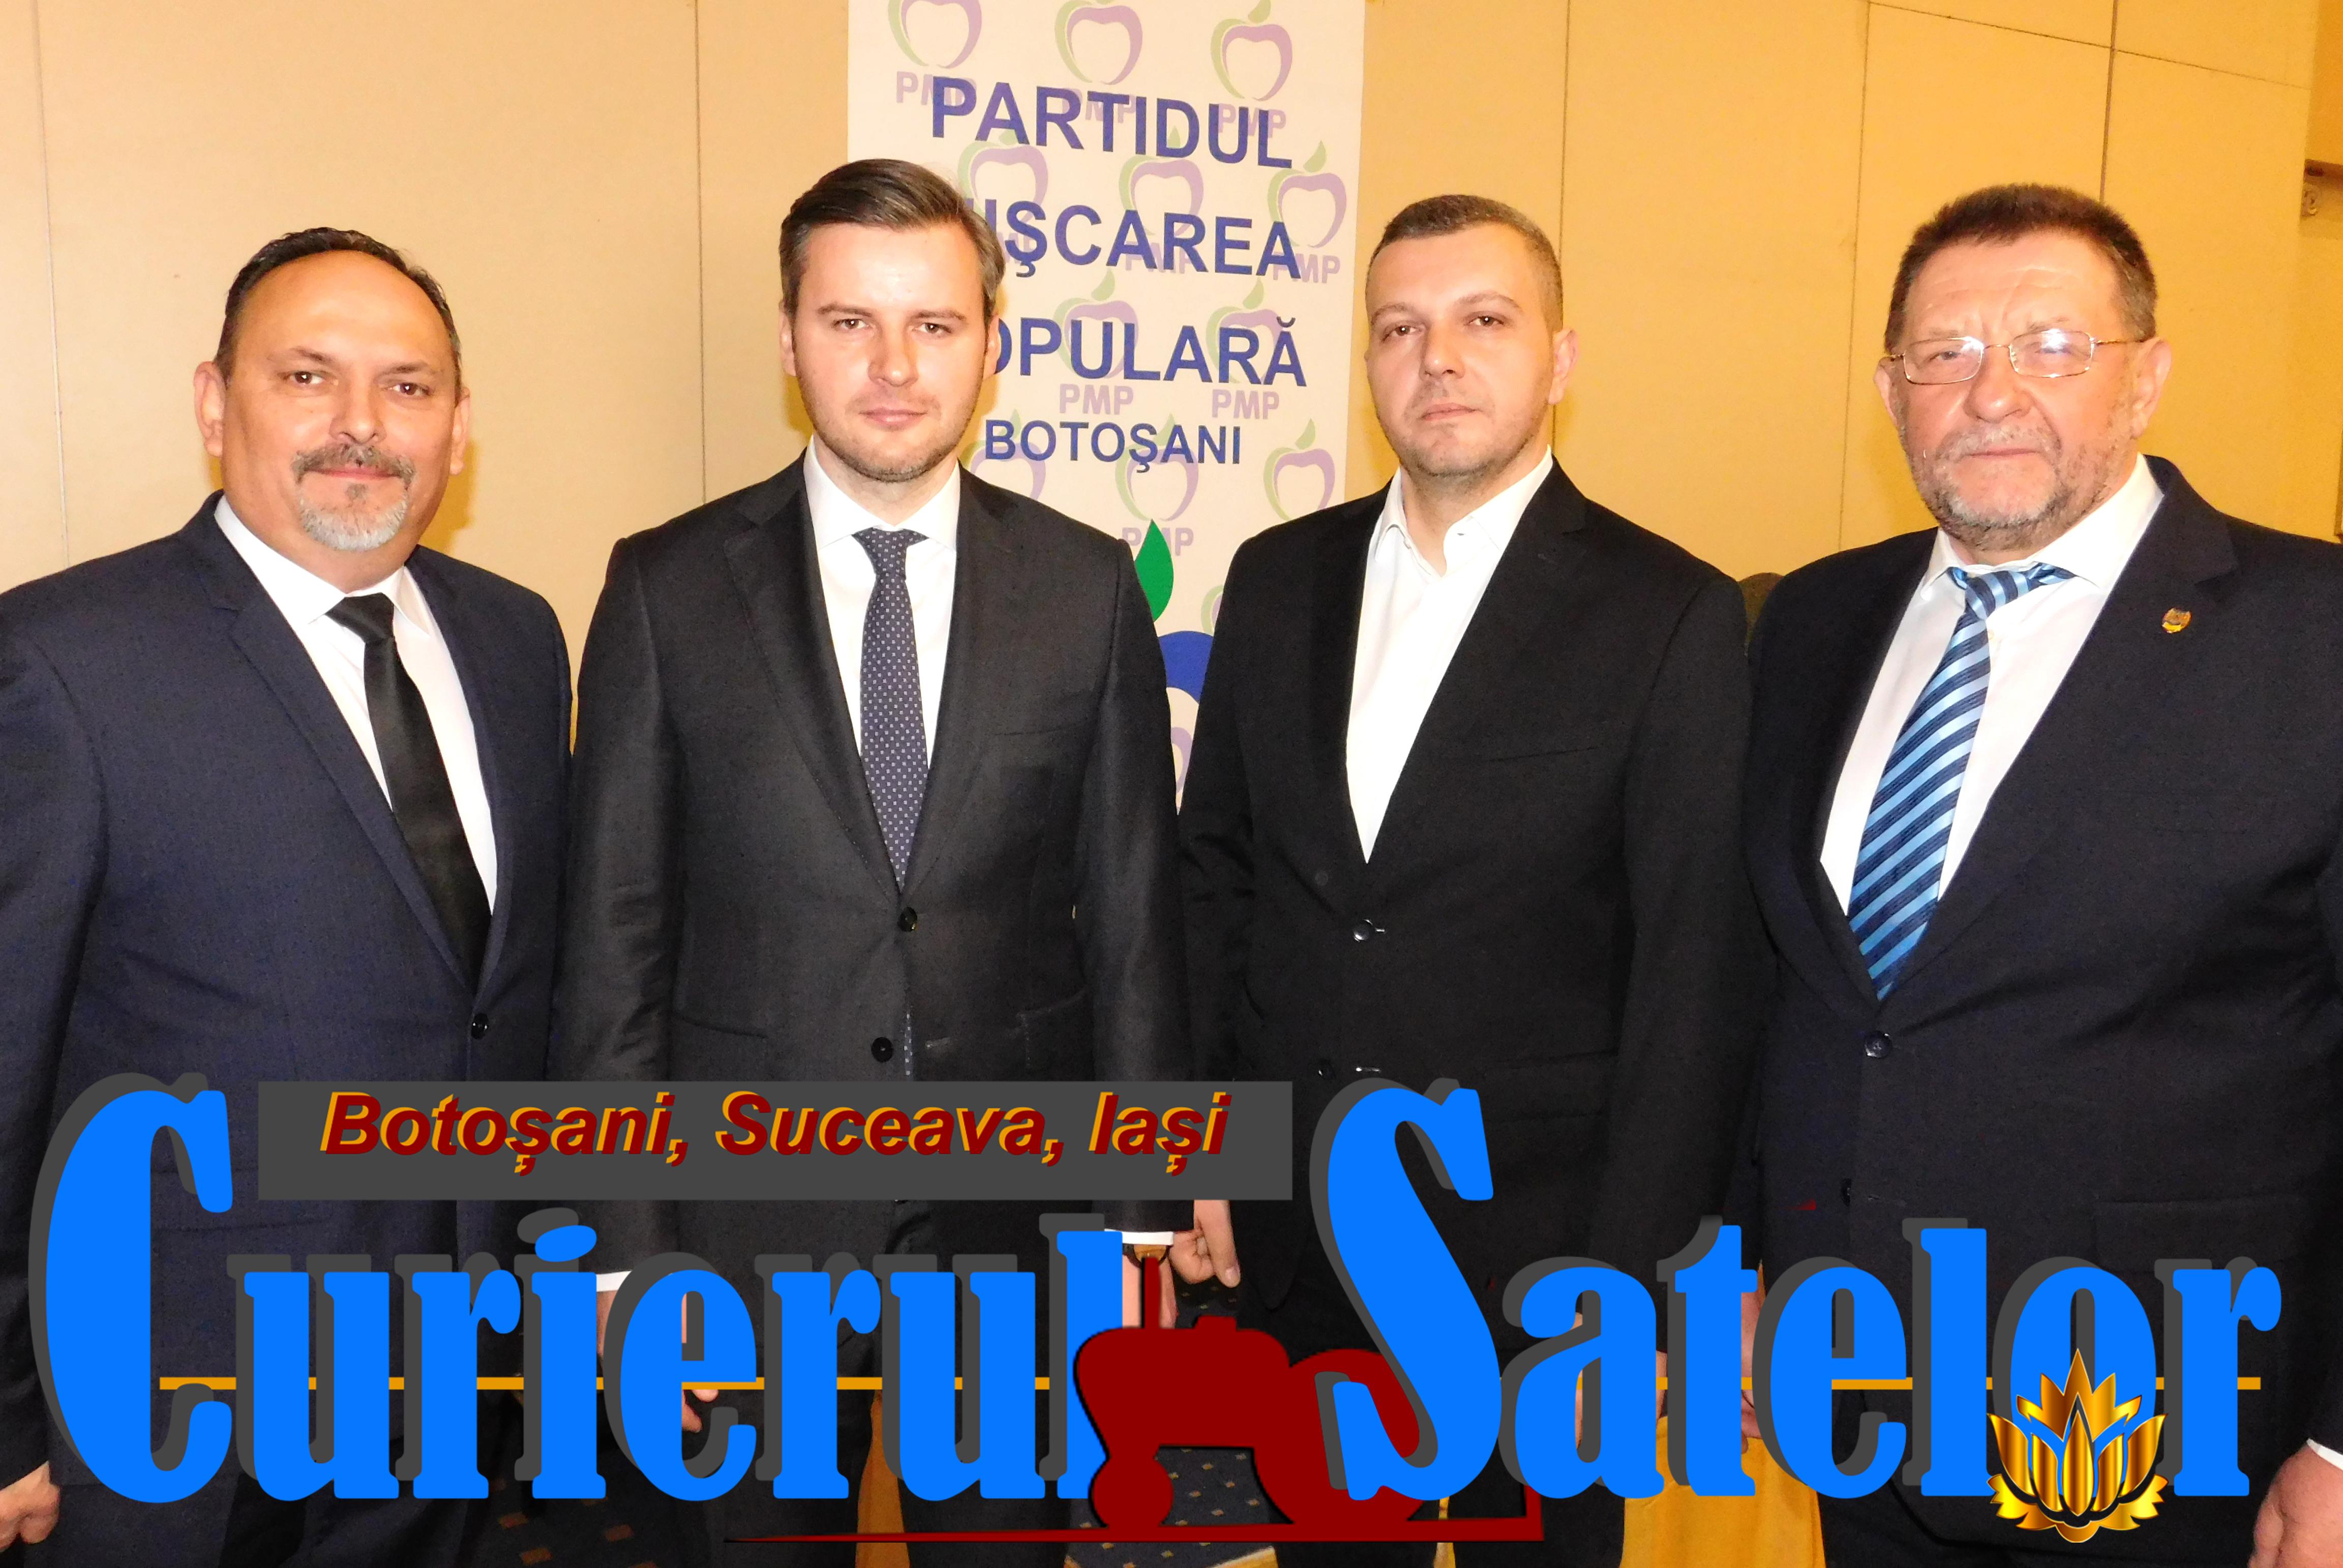 Salvatorul lui Enescu prin digitalizare candidează la șefia CJ din partea PMP. Vezi ce își propune 27